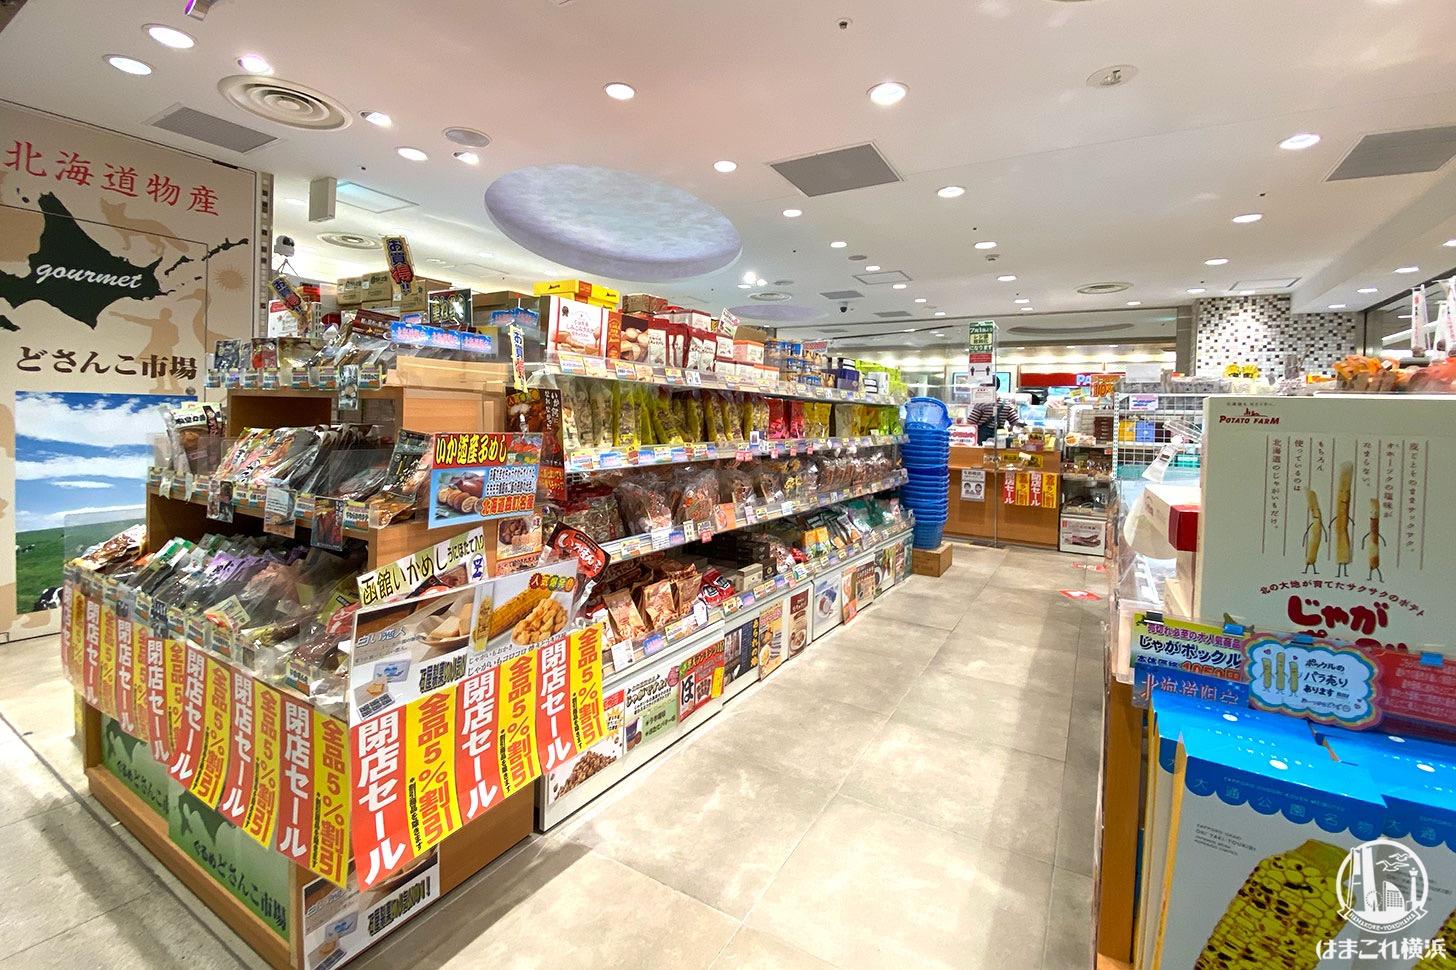 横浜駅の北海道物産店 ぐるめどさんこ市場 横浜ジョイナス店が閉店